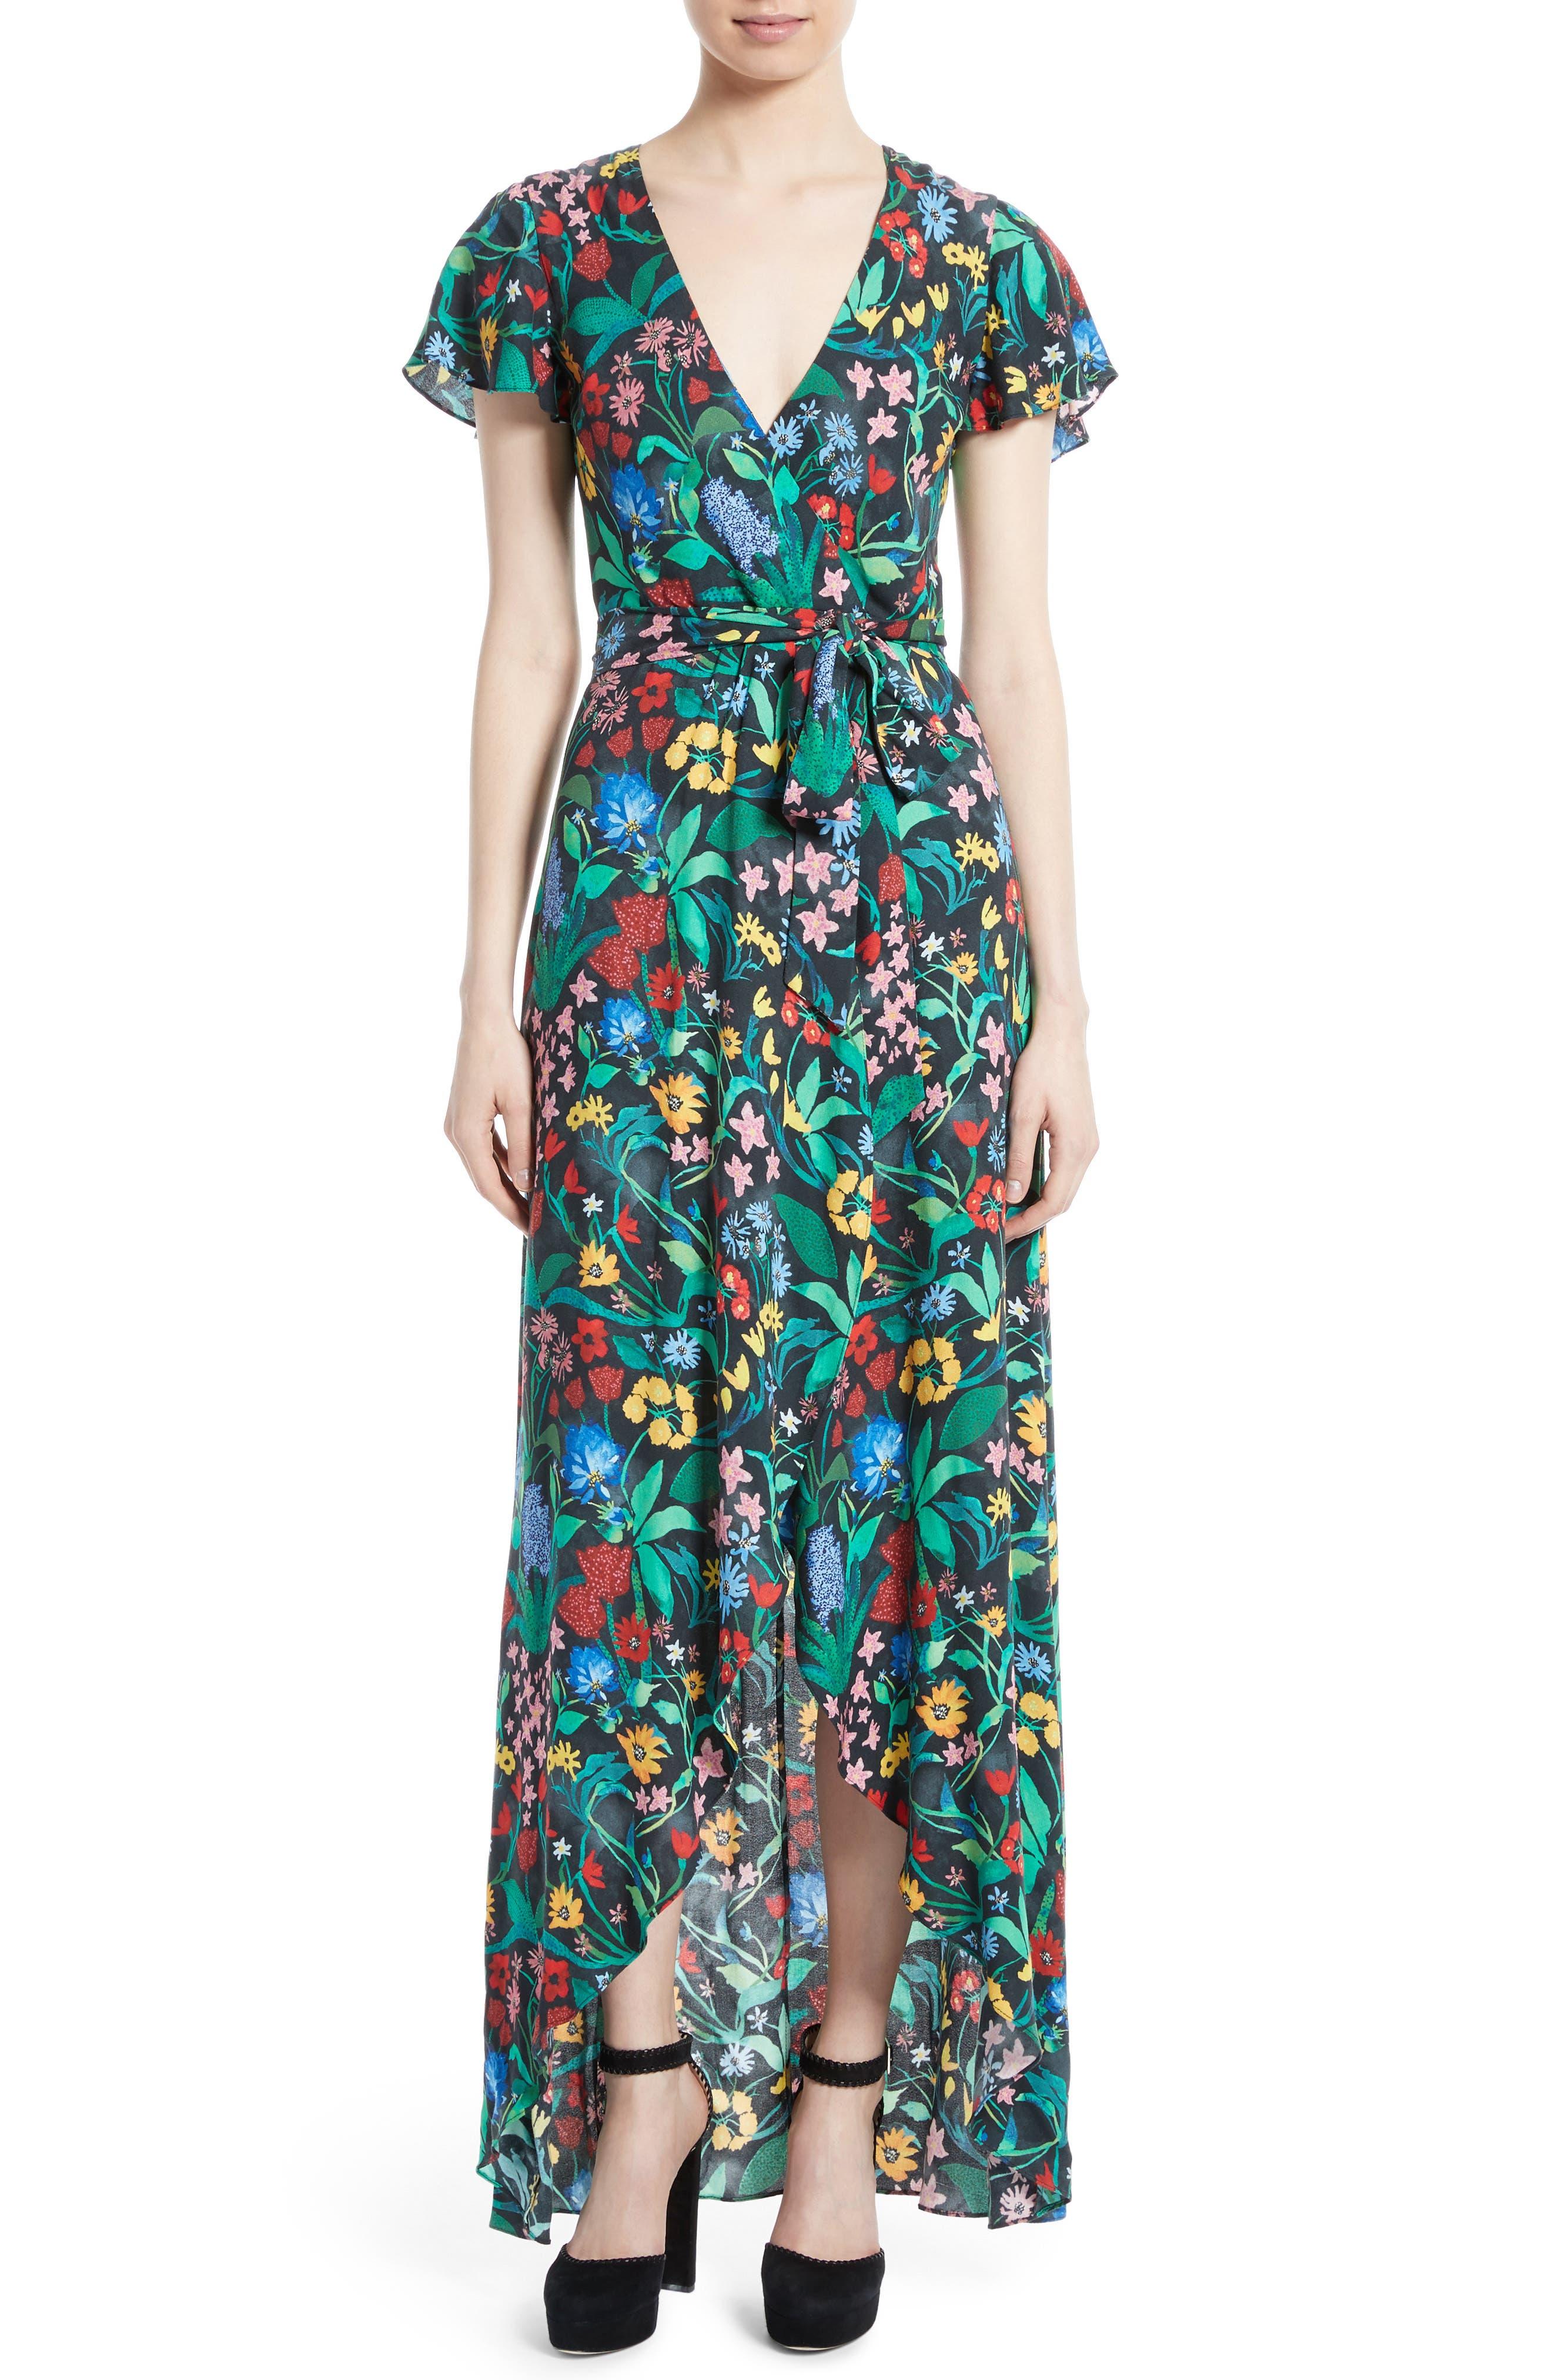 Main Image - Alice + Olivia Adrianna Floral Faux Wrap Maxi Dress